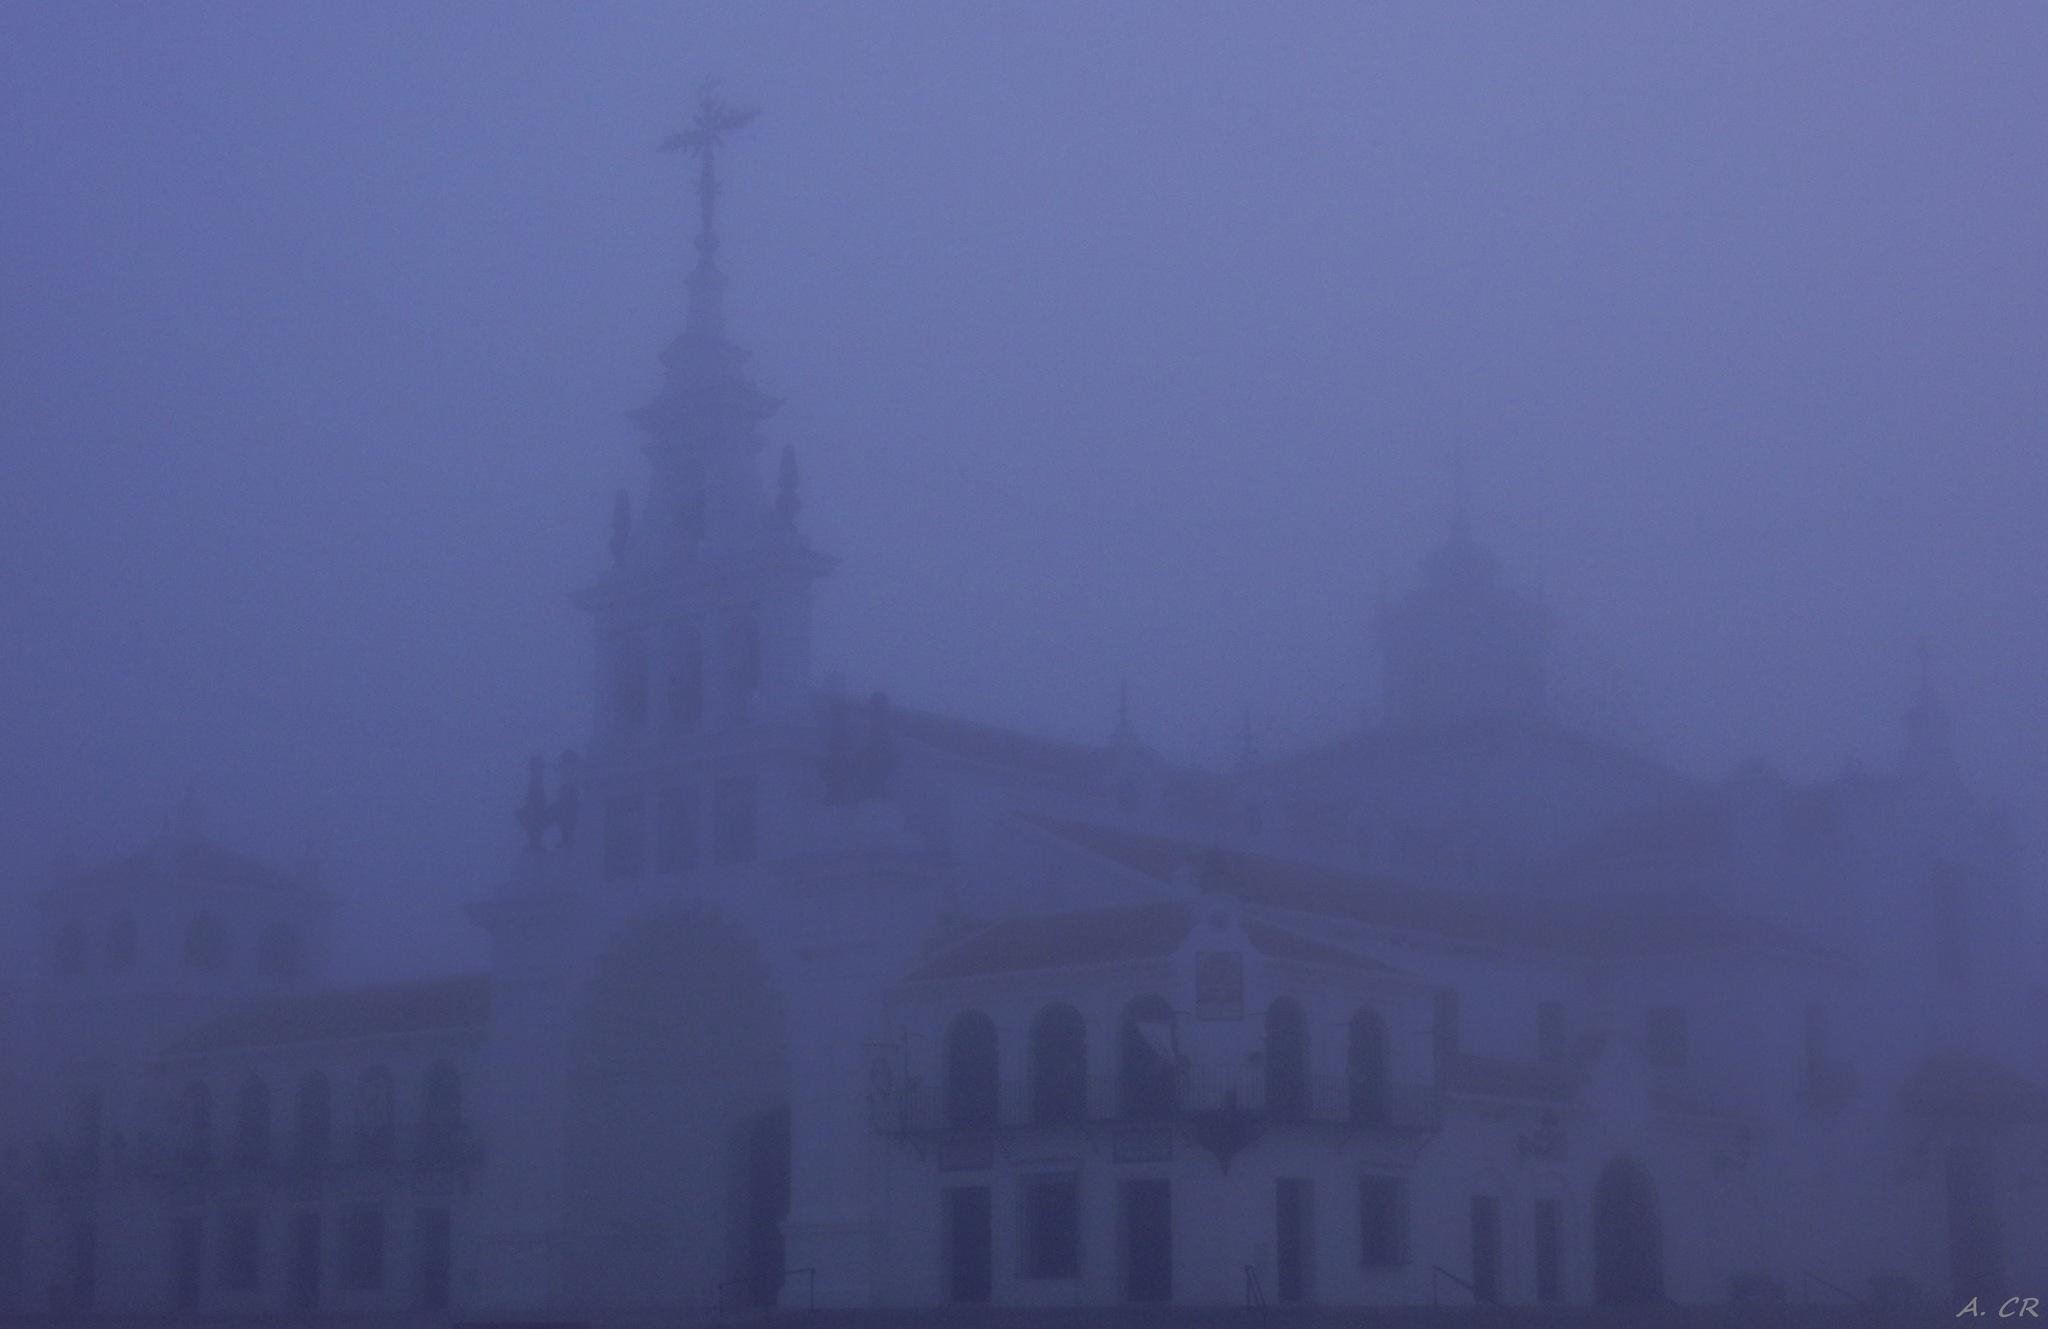 Fog by A. Castellano Rodriguez